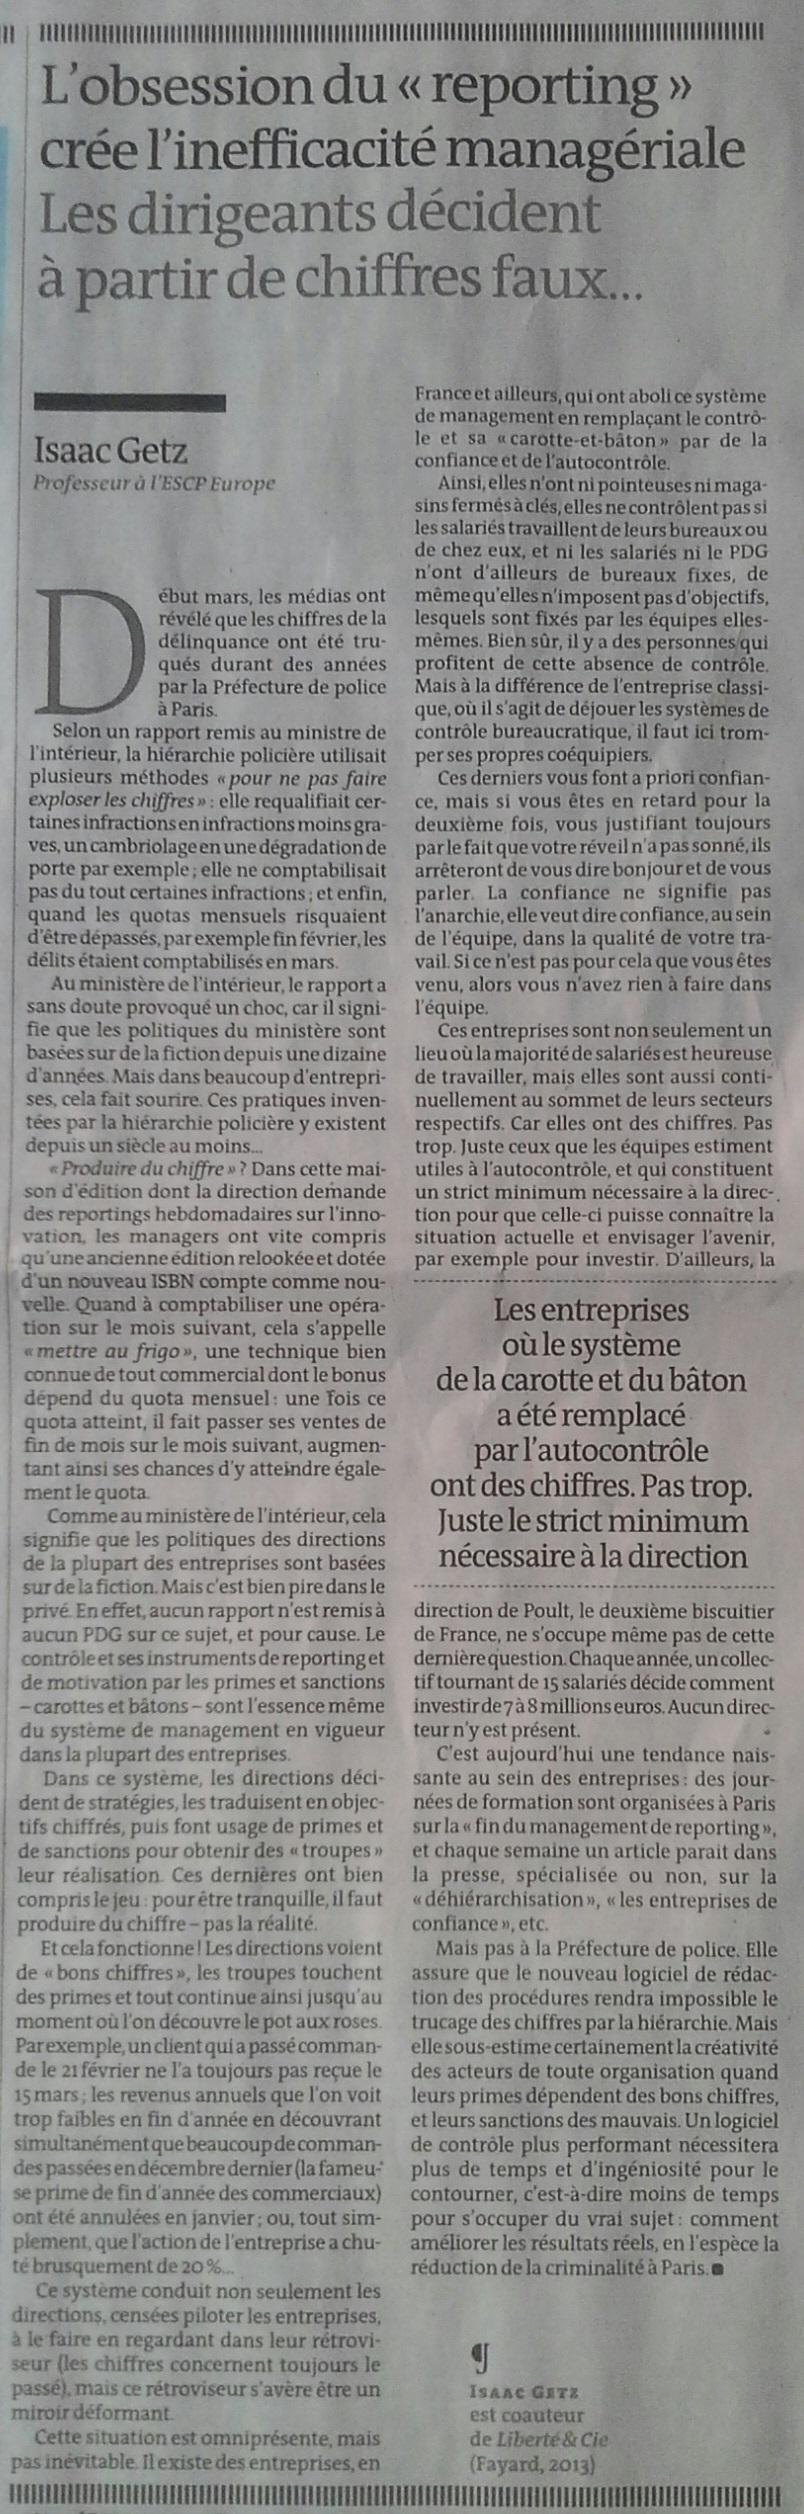 Le Monde, l'opinion, 9 mai 2014